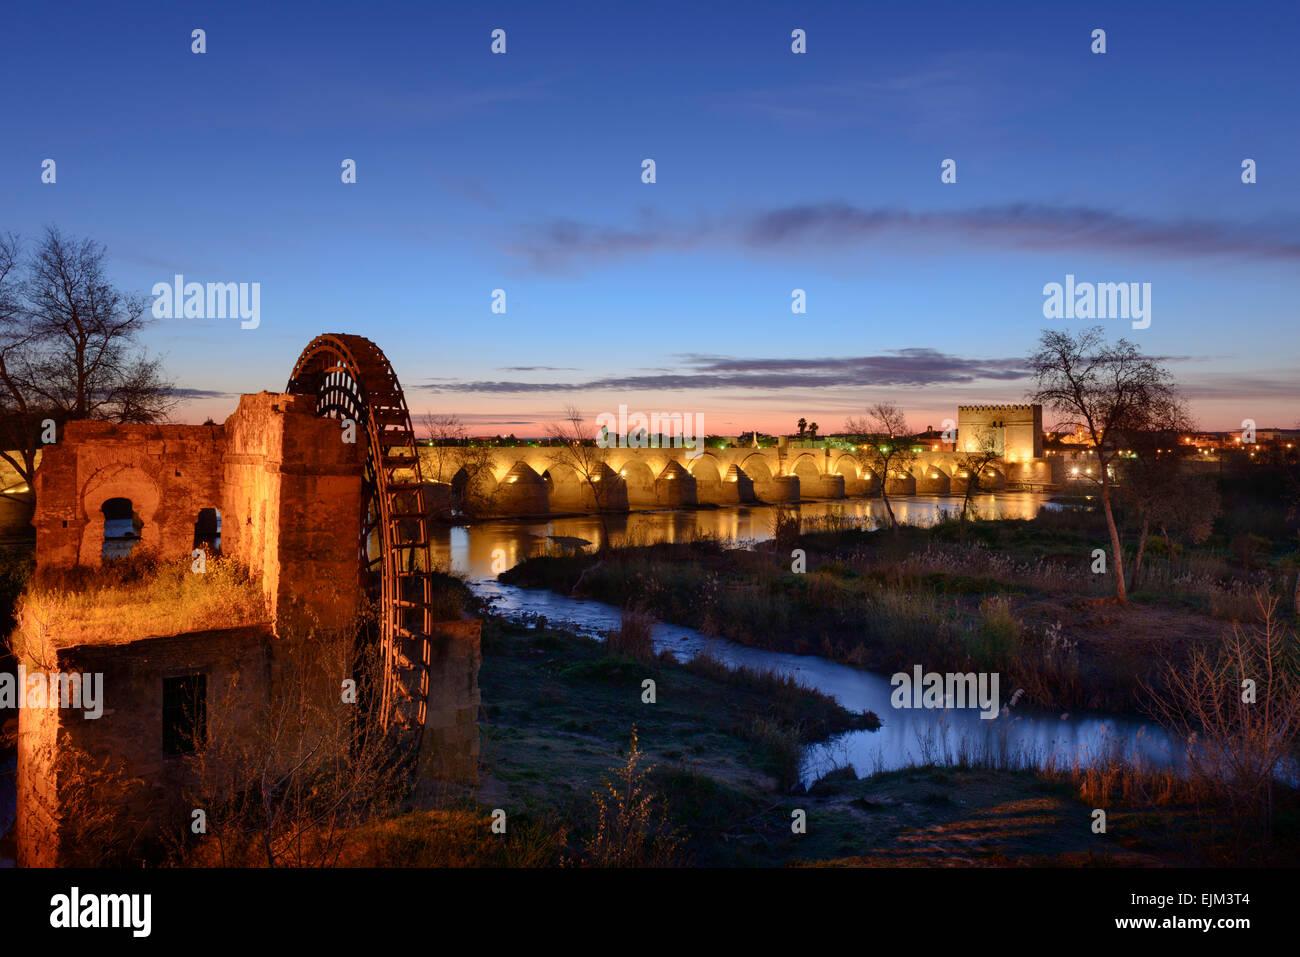 Pre dawn over the Guadalquivir river in Córdoba - Stock Image